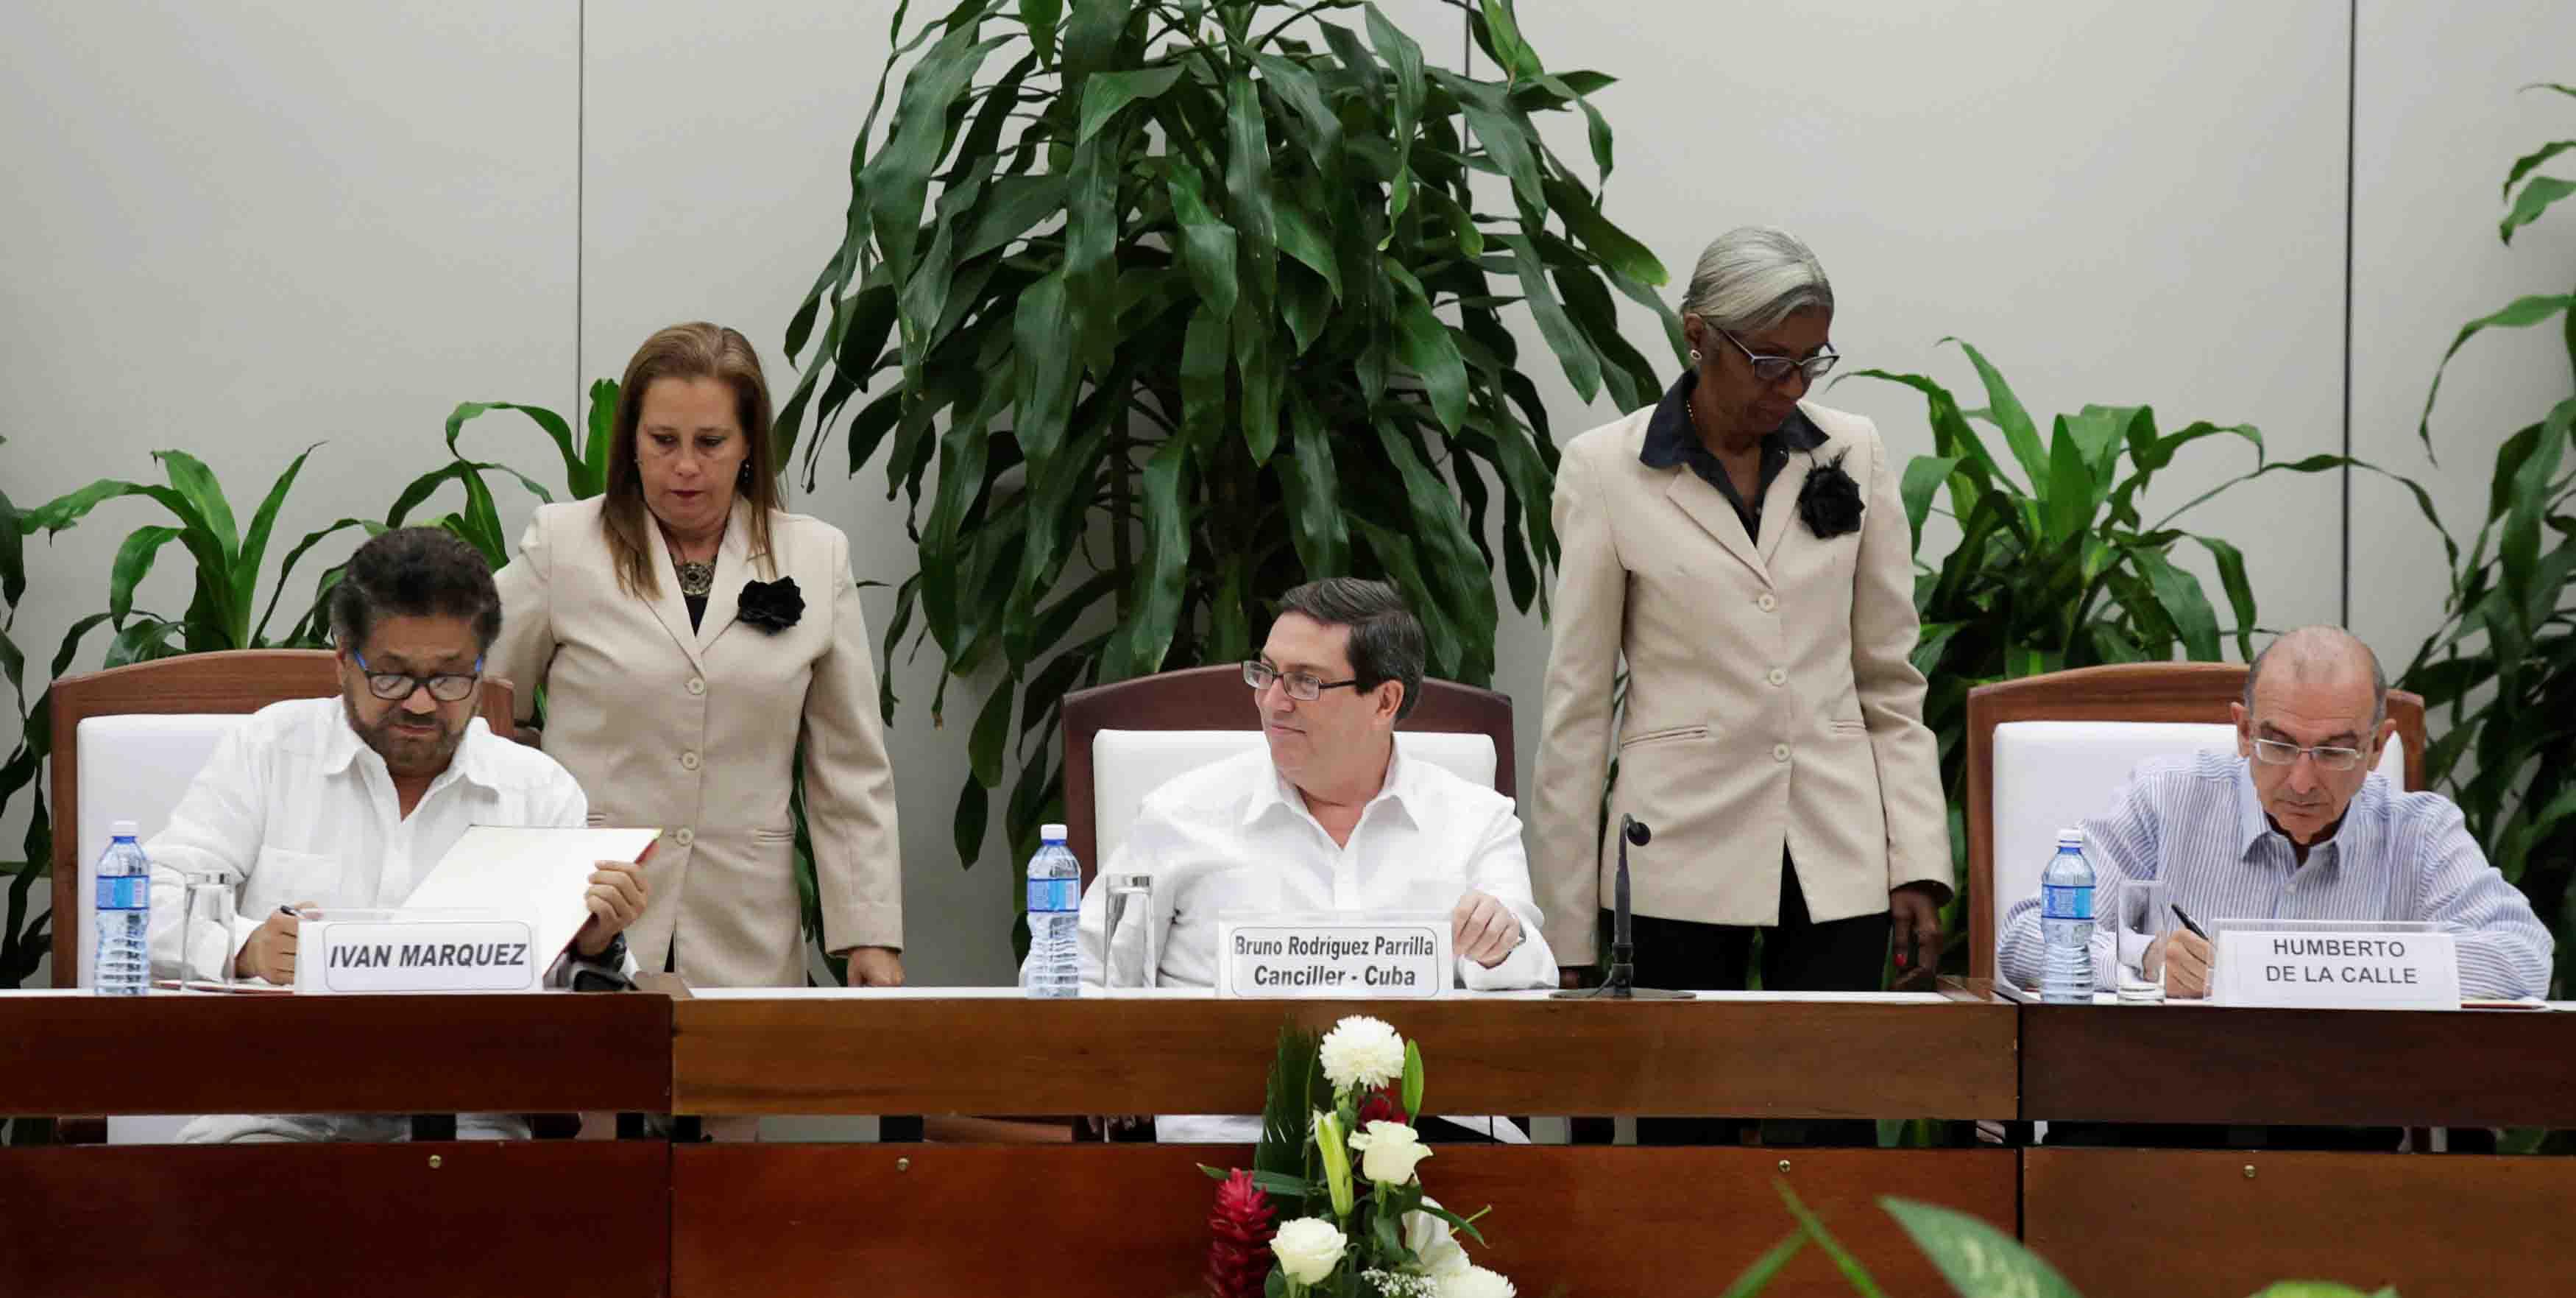 Tras nuevas reuniones las modificaciones fueron realizadas atendiendo el clamor de los colombianos por concretar su anhelo de paz y reconciliación